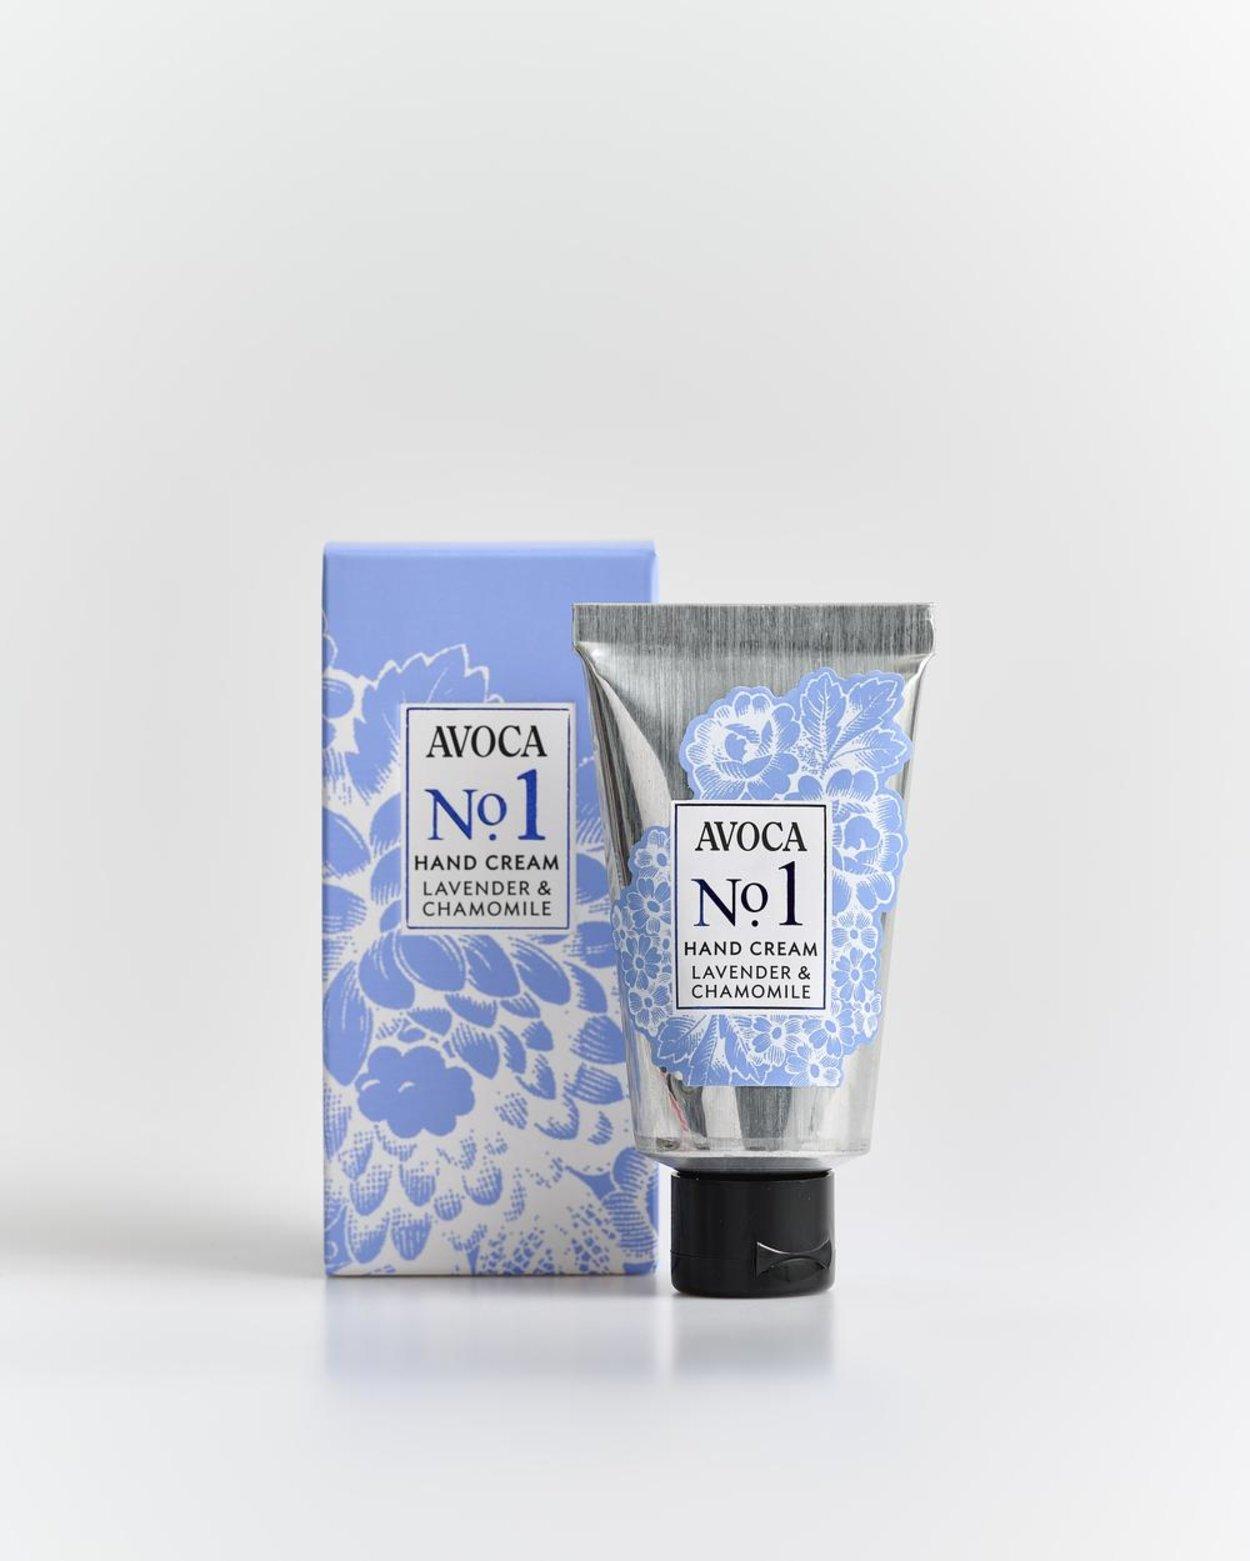 Avoca No 1 Hand Cream - Lavender & Chamomile